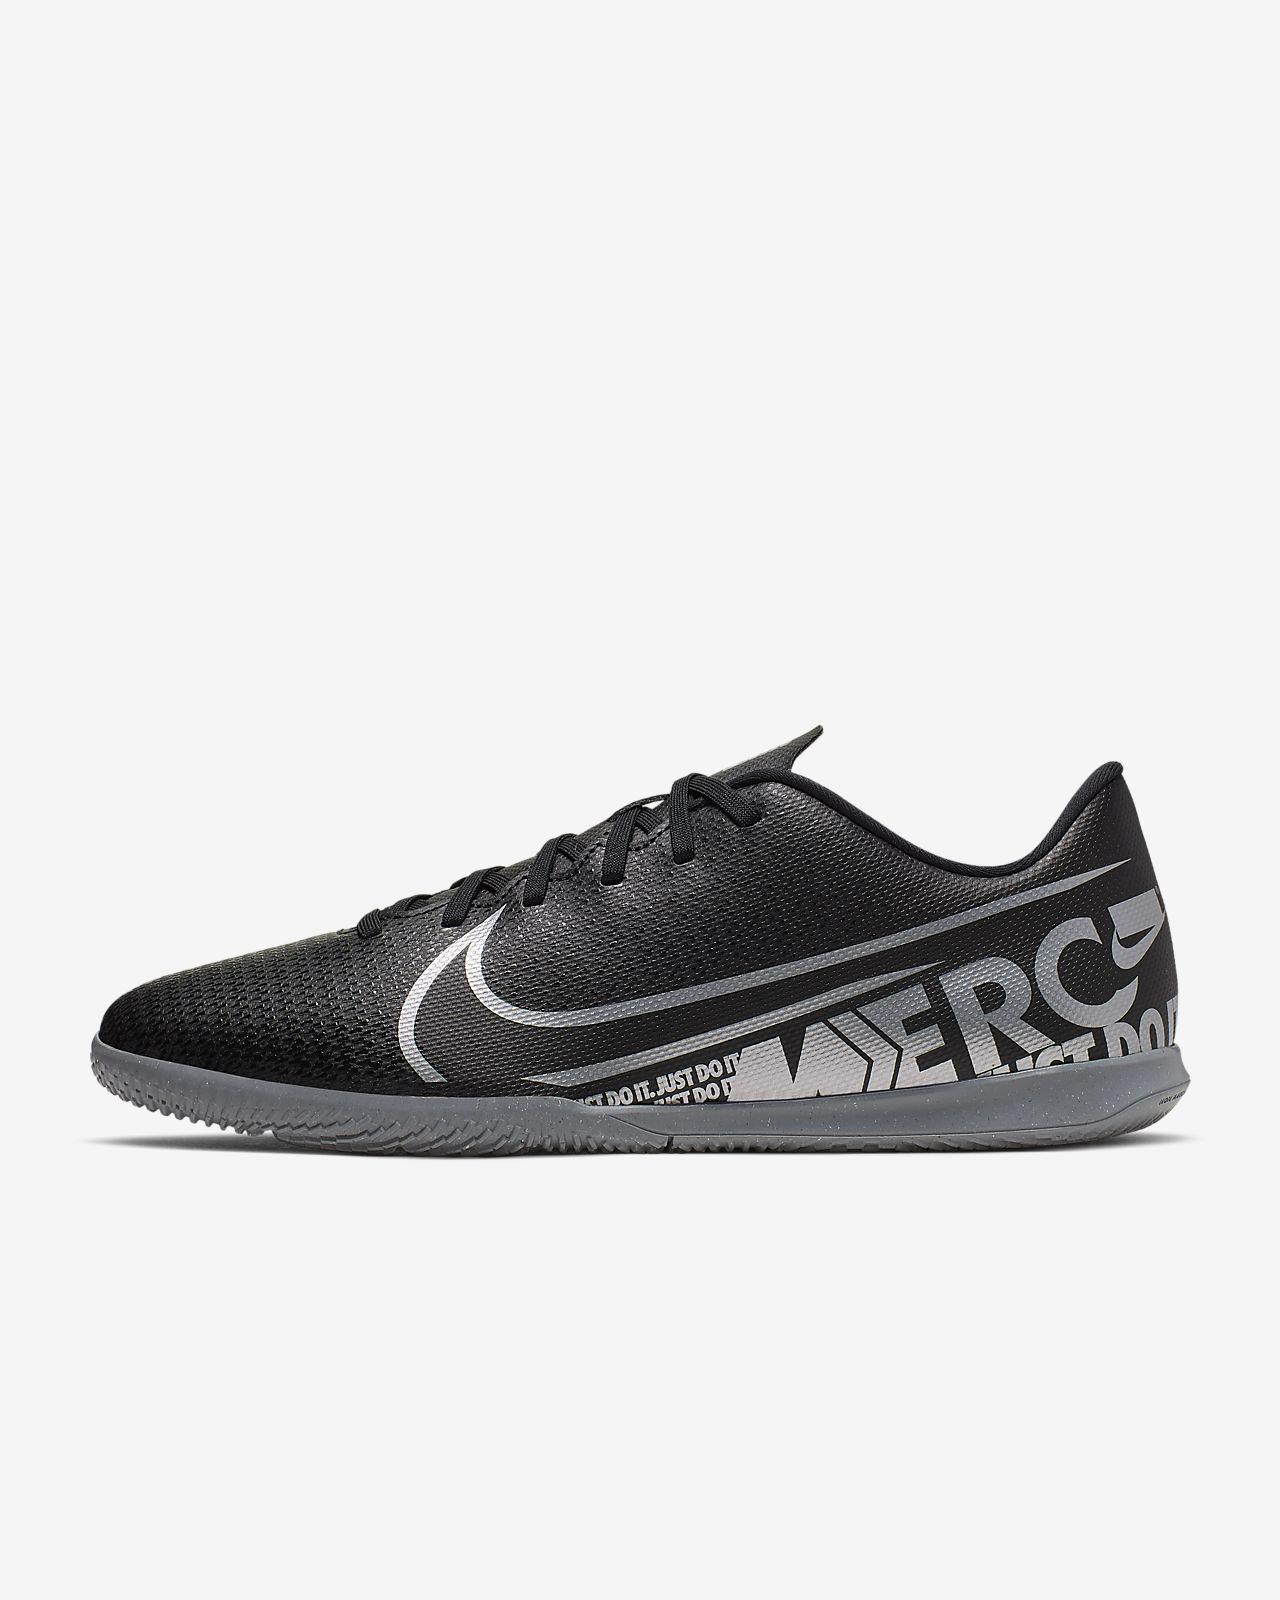 primo sguardo personalizzate promozione speciale Scarpa da calcio per campi indoor/cemento Nike Mercurial Vapor 13 Club IC